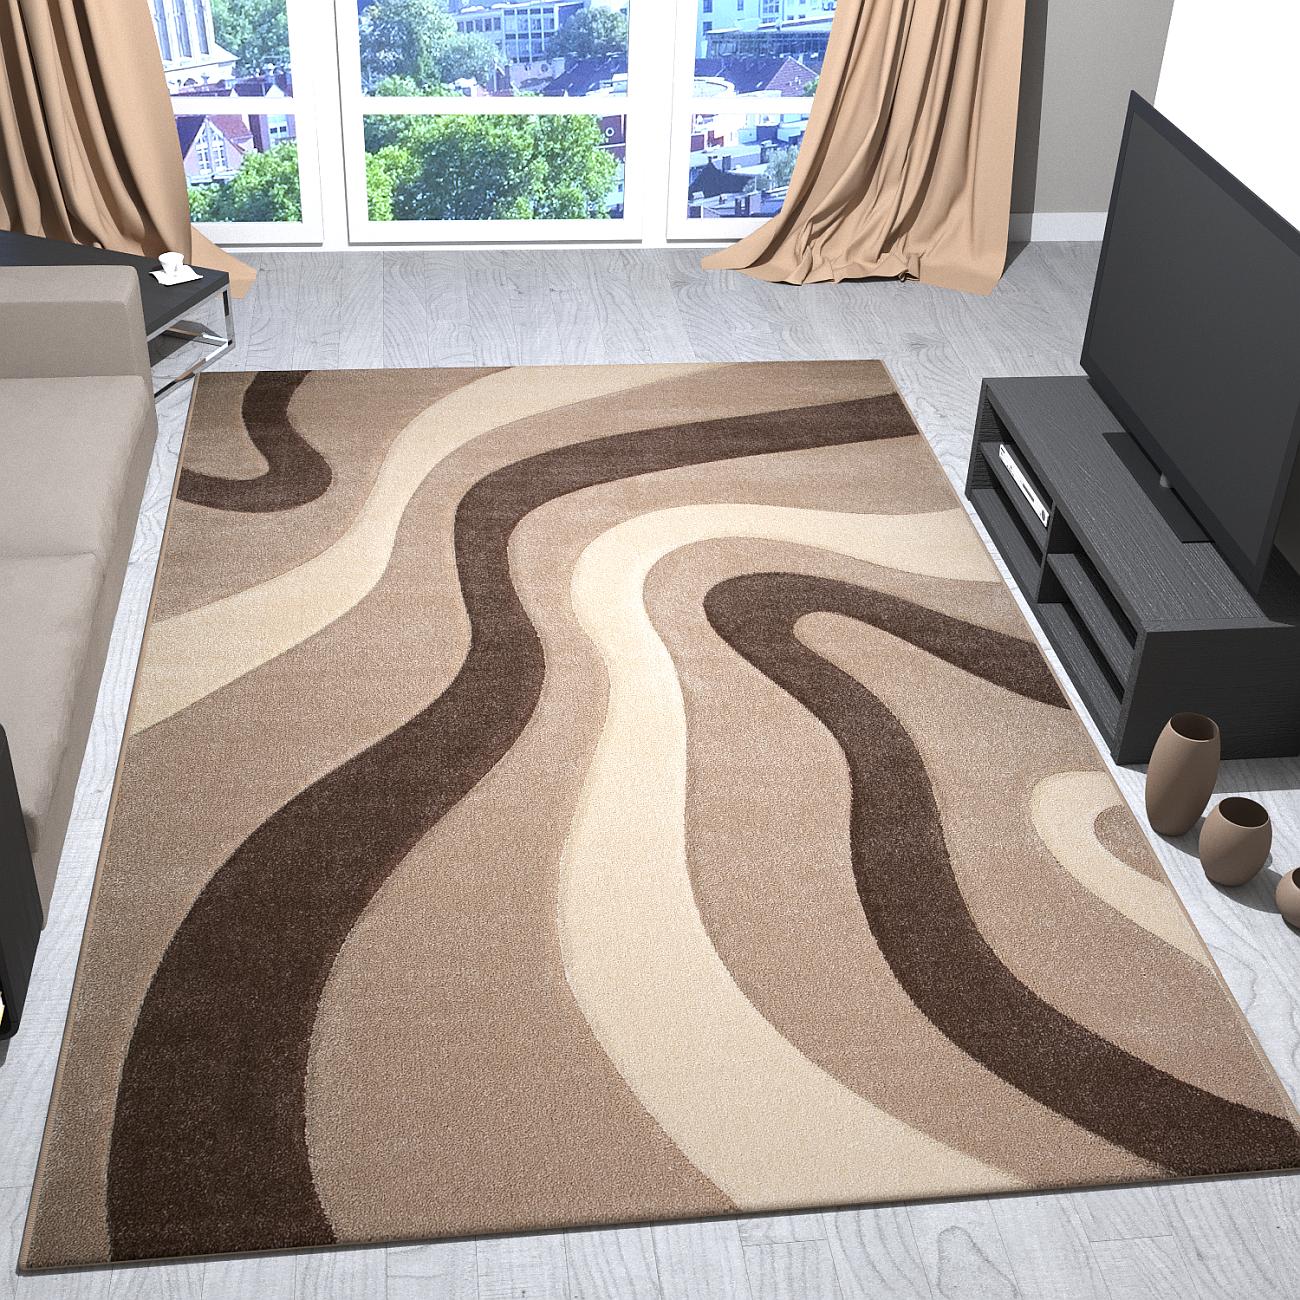 Teppich Modern Design Braun Beige Creme Mit Wellen Muster